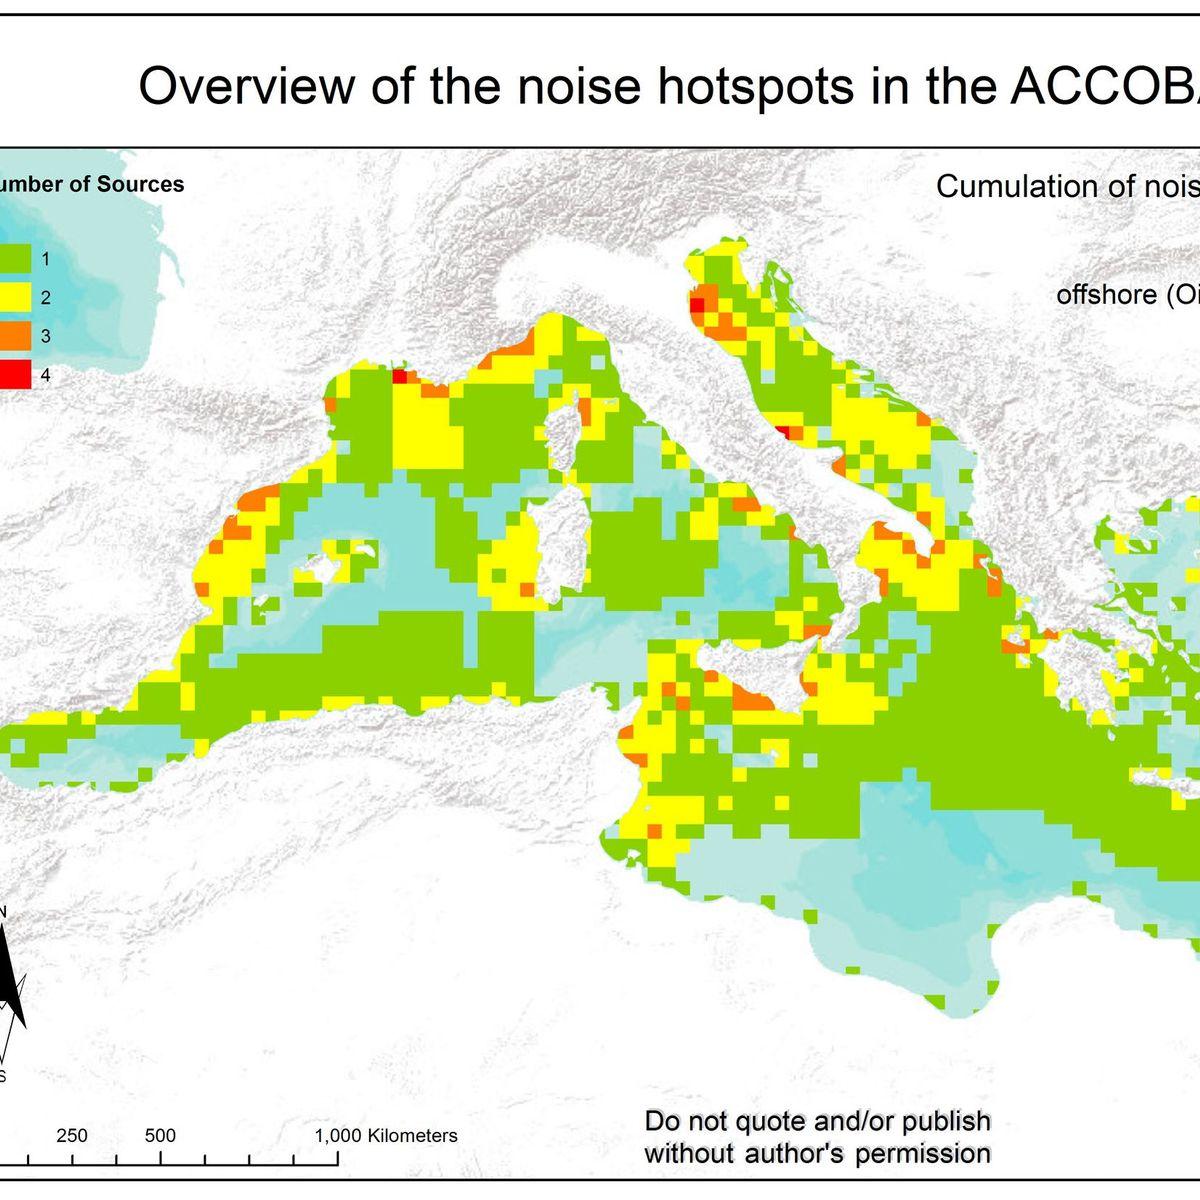 Mittelmeer Karte Zeigt Larmquellen Ungestorte Raume Immer